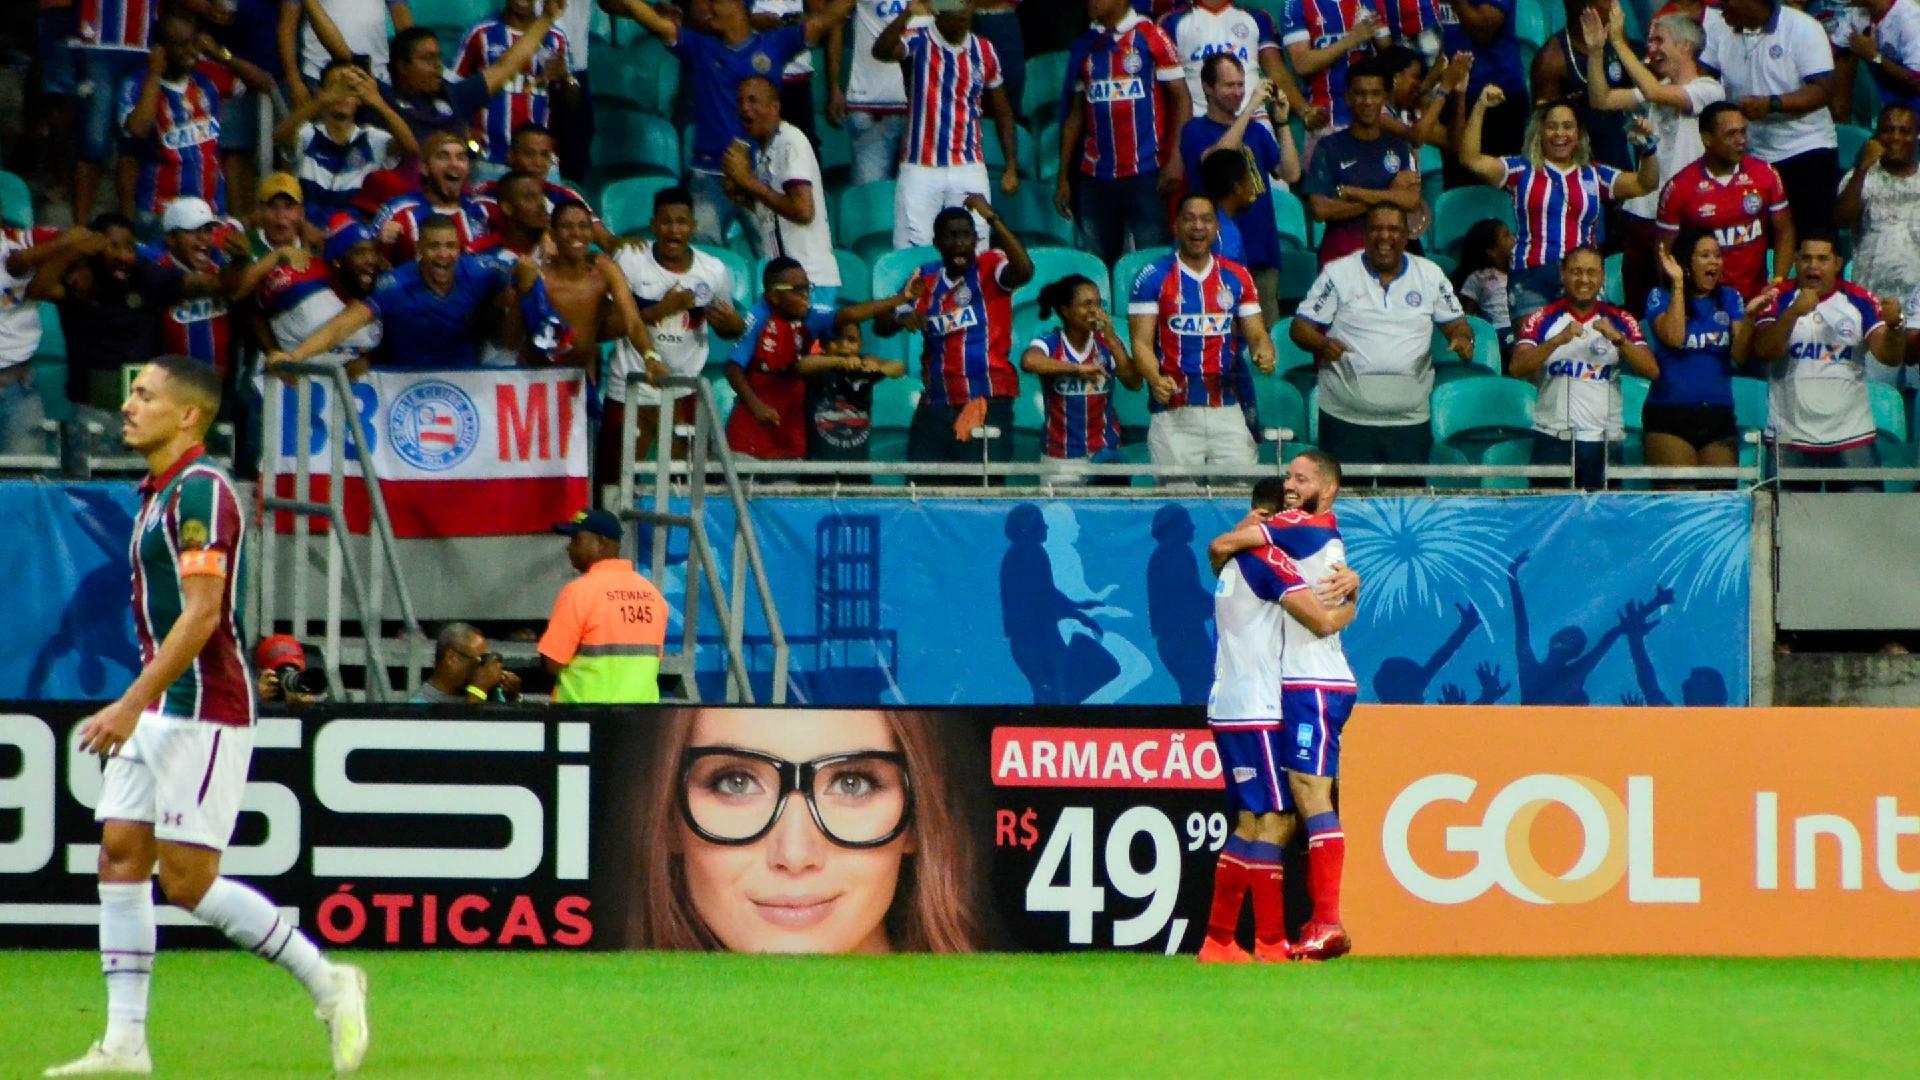 Gilberto, do Fluminense, lamenta gol marcado por Gilberto, do Bahia, que comemora ao fundo